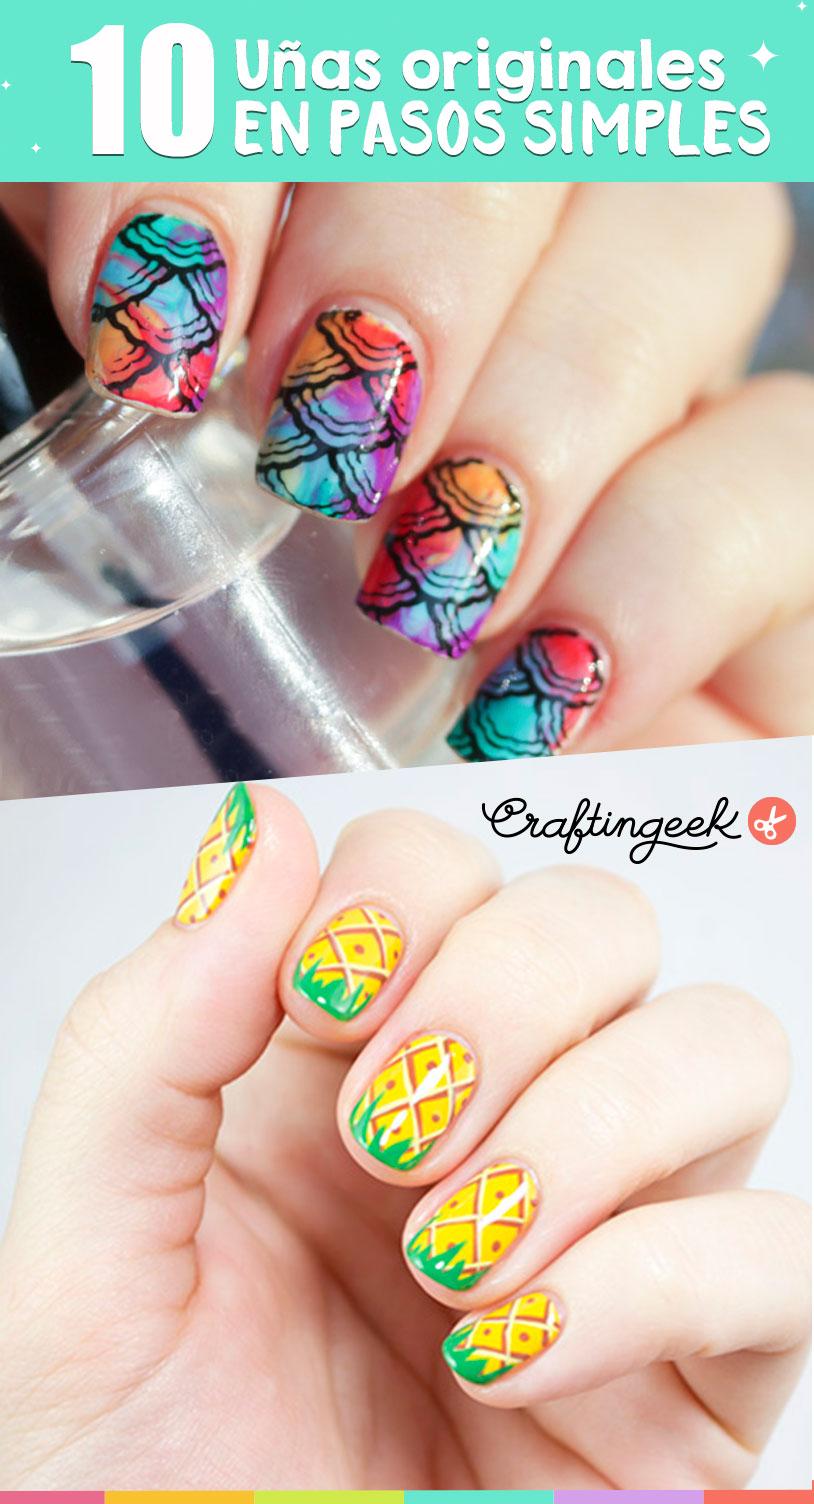 10 diseños de uñas originales en simples pasos ~ Craftingeek